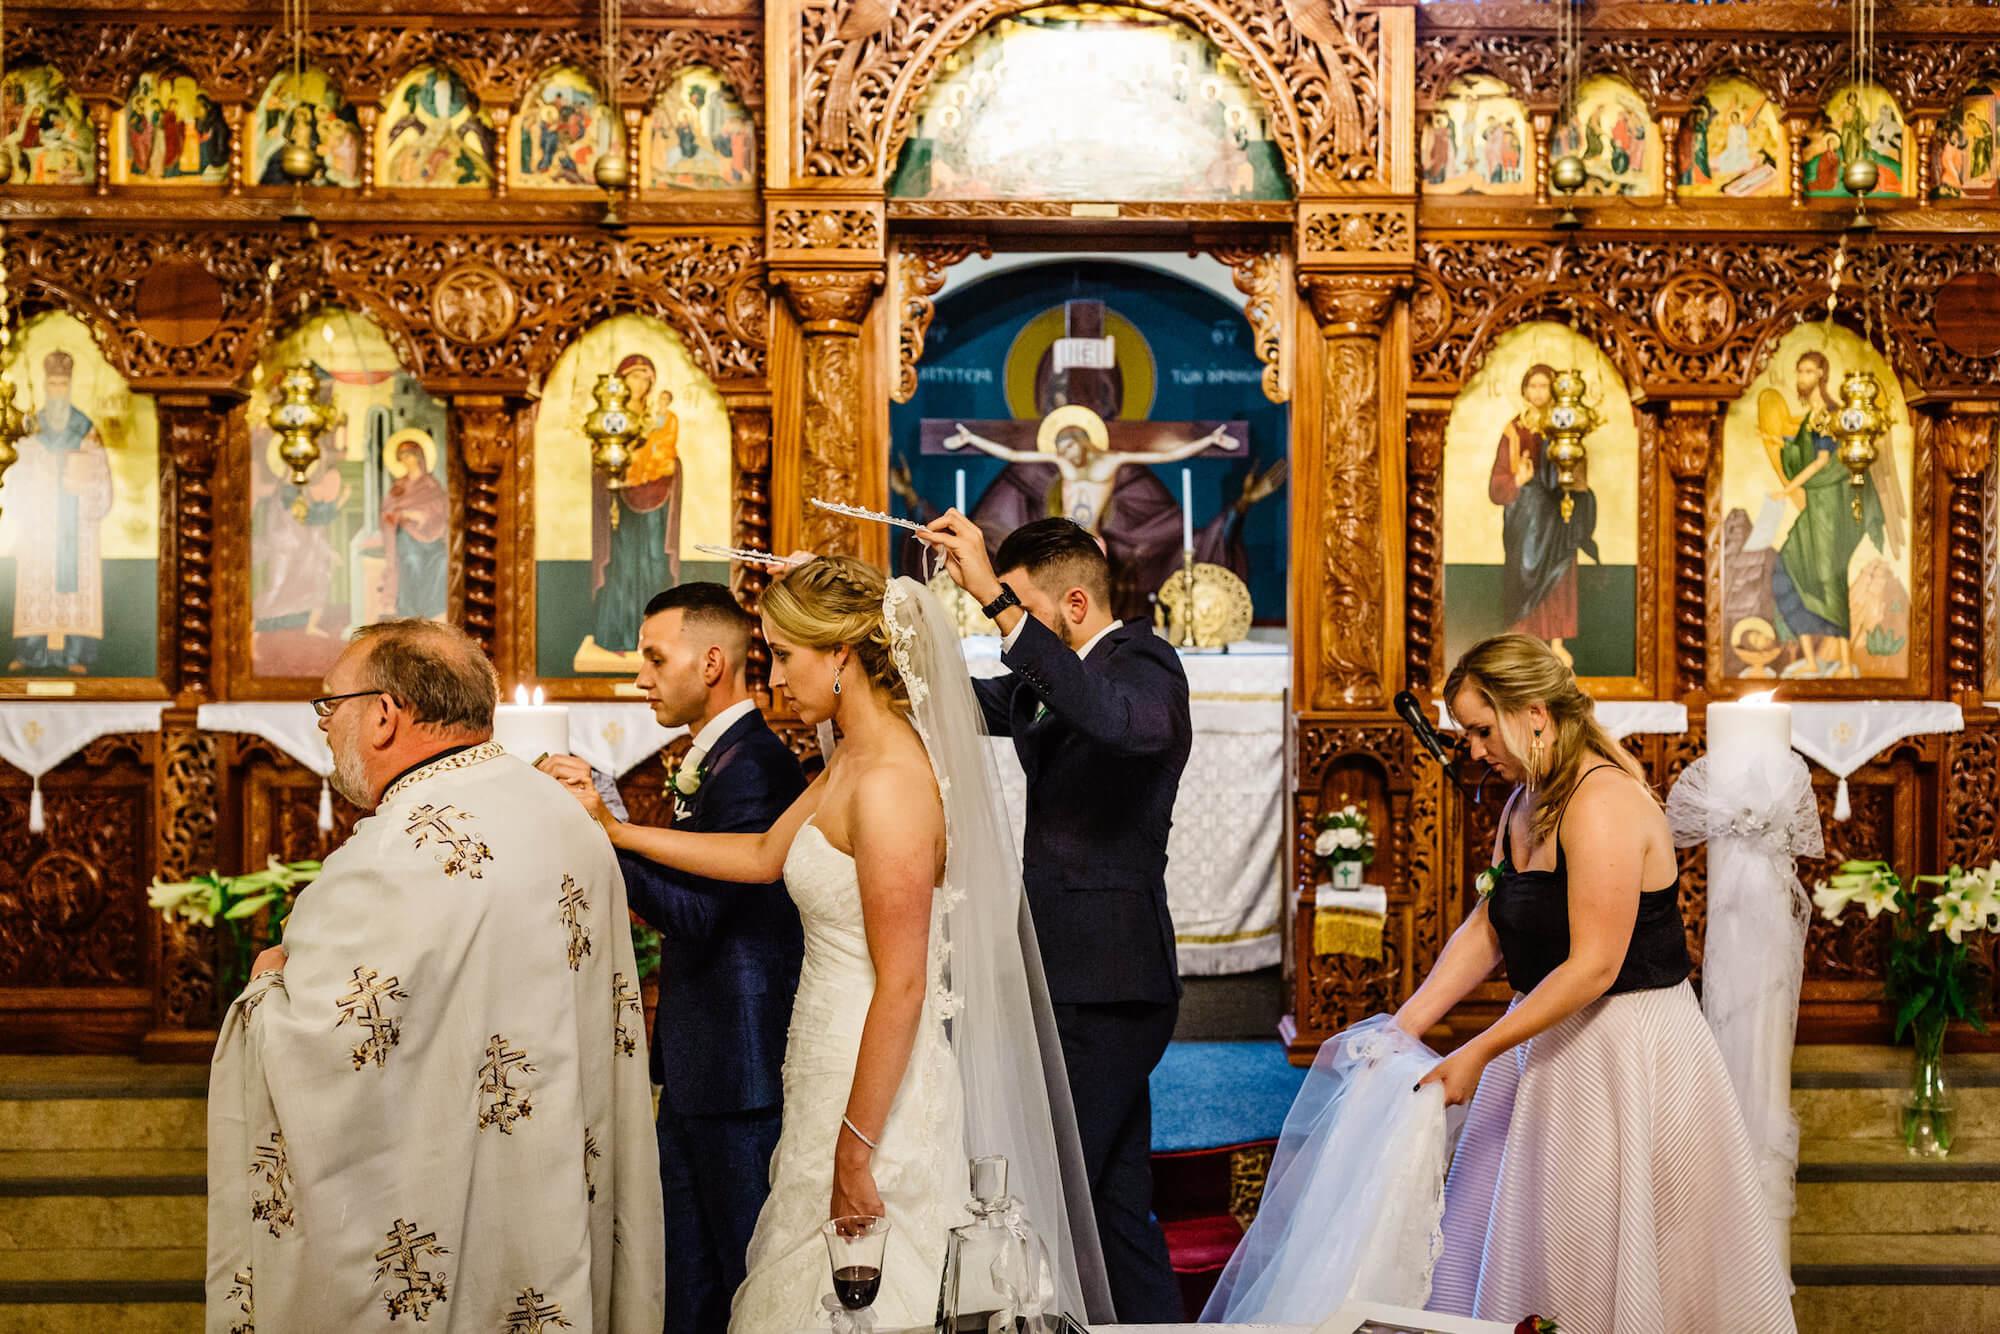 griekse-bruiloft-trouwfotograaf-utrecht-29.jpg